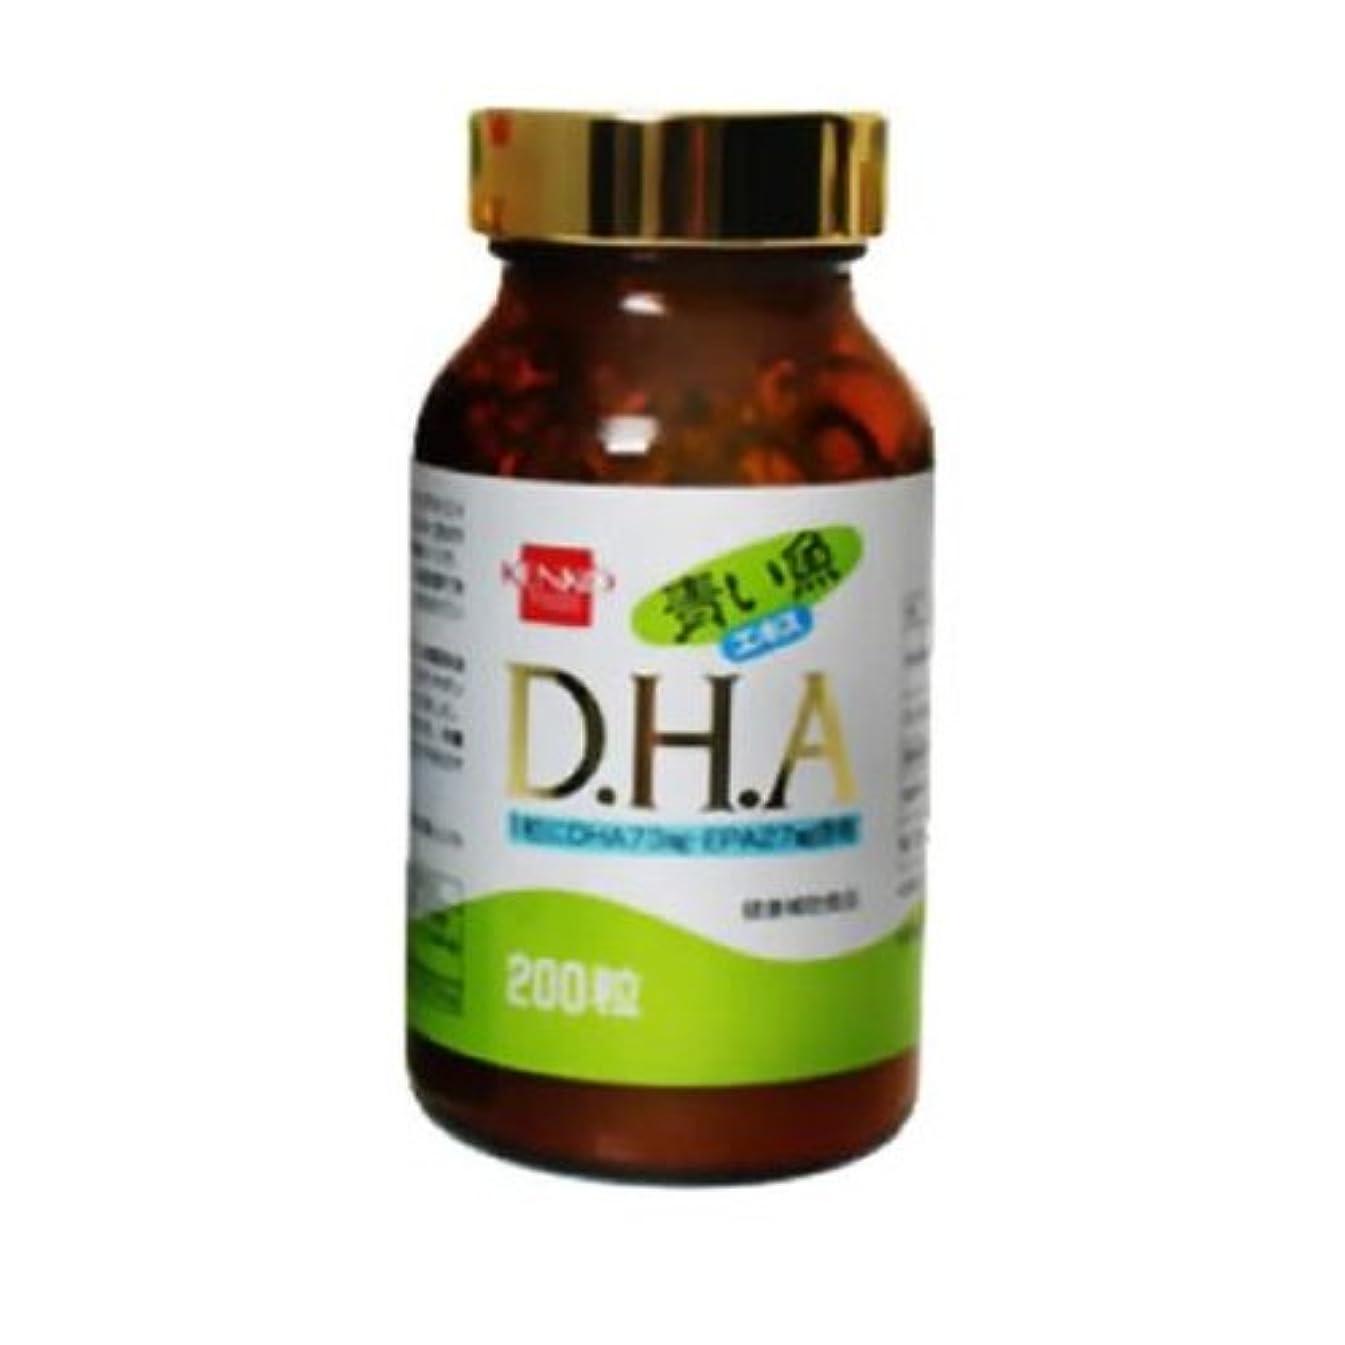 サージ学校教育保険青い魚エキス DHA EPA 200粒